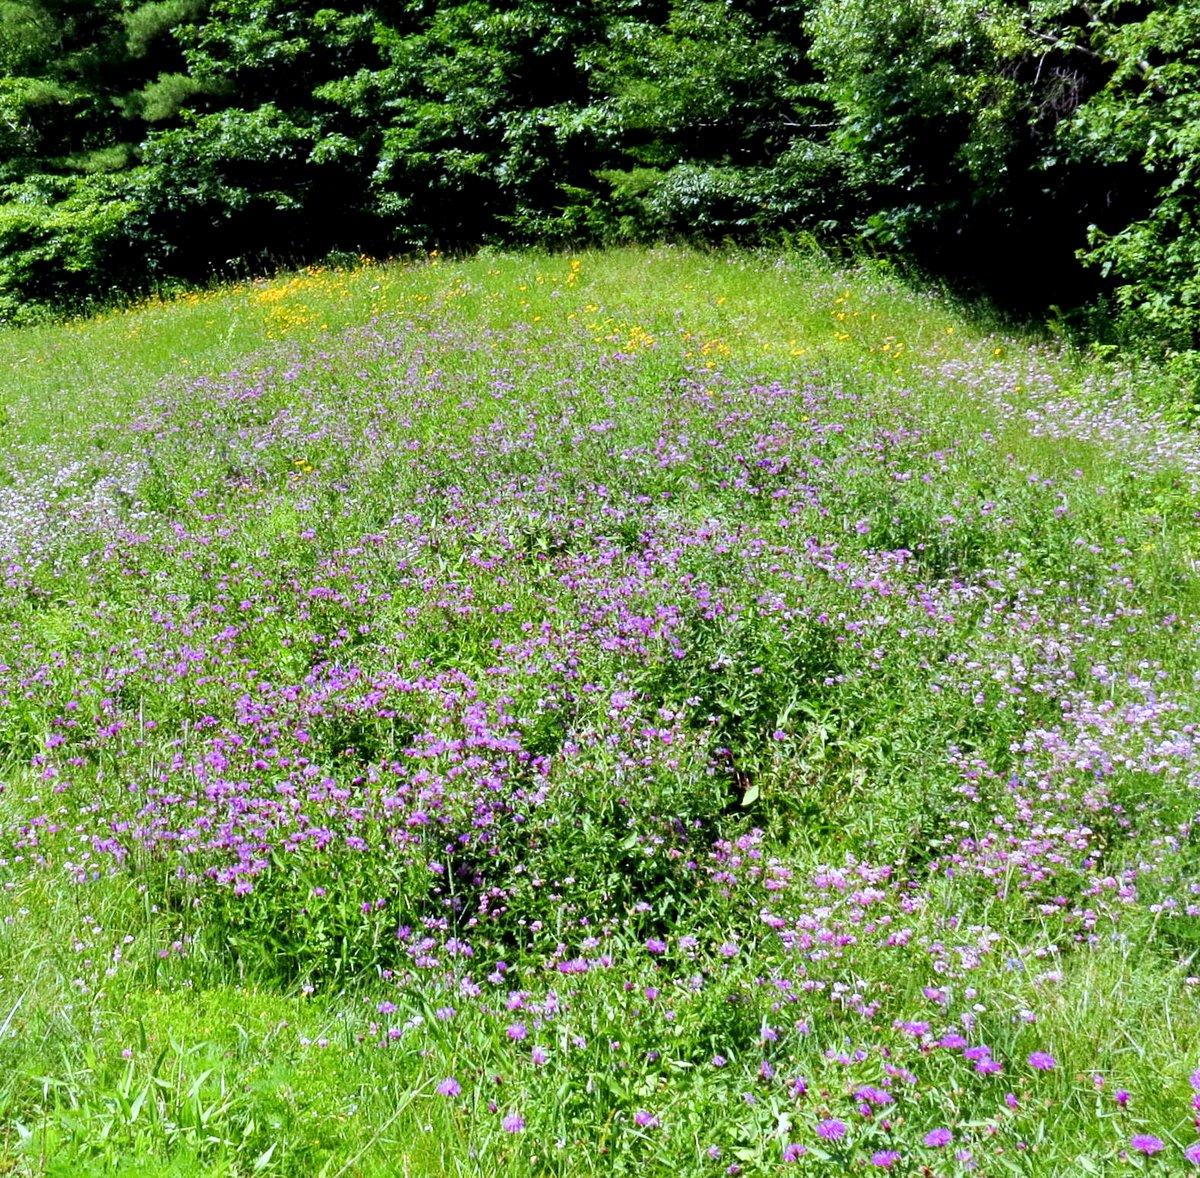 10. Roadside Meadow